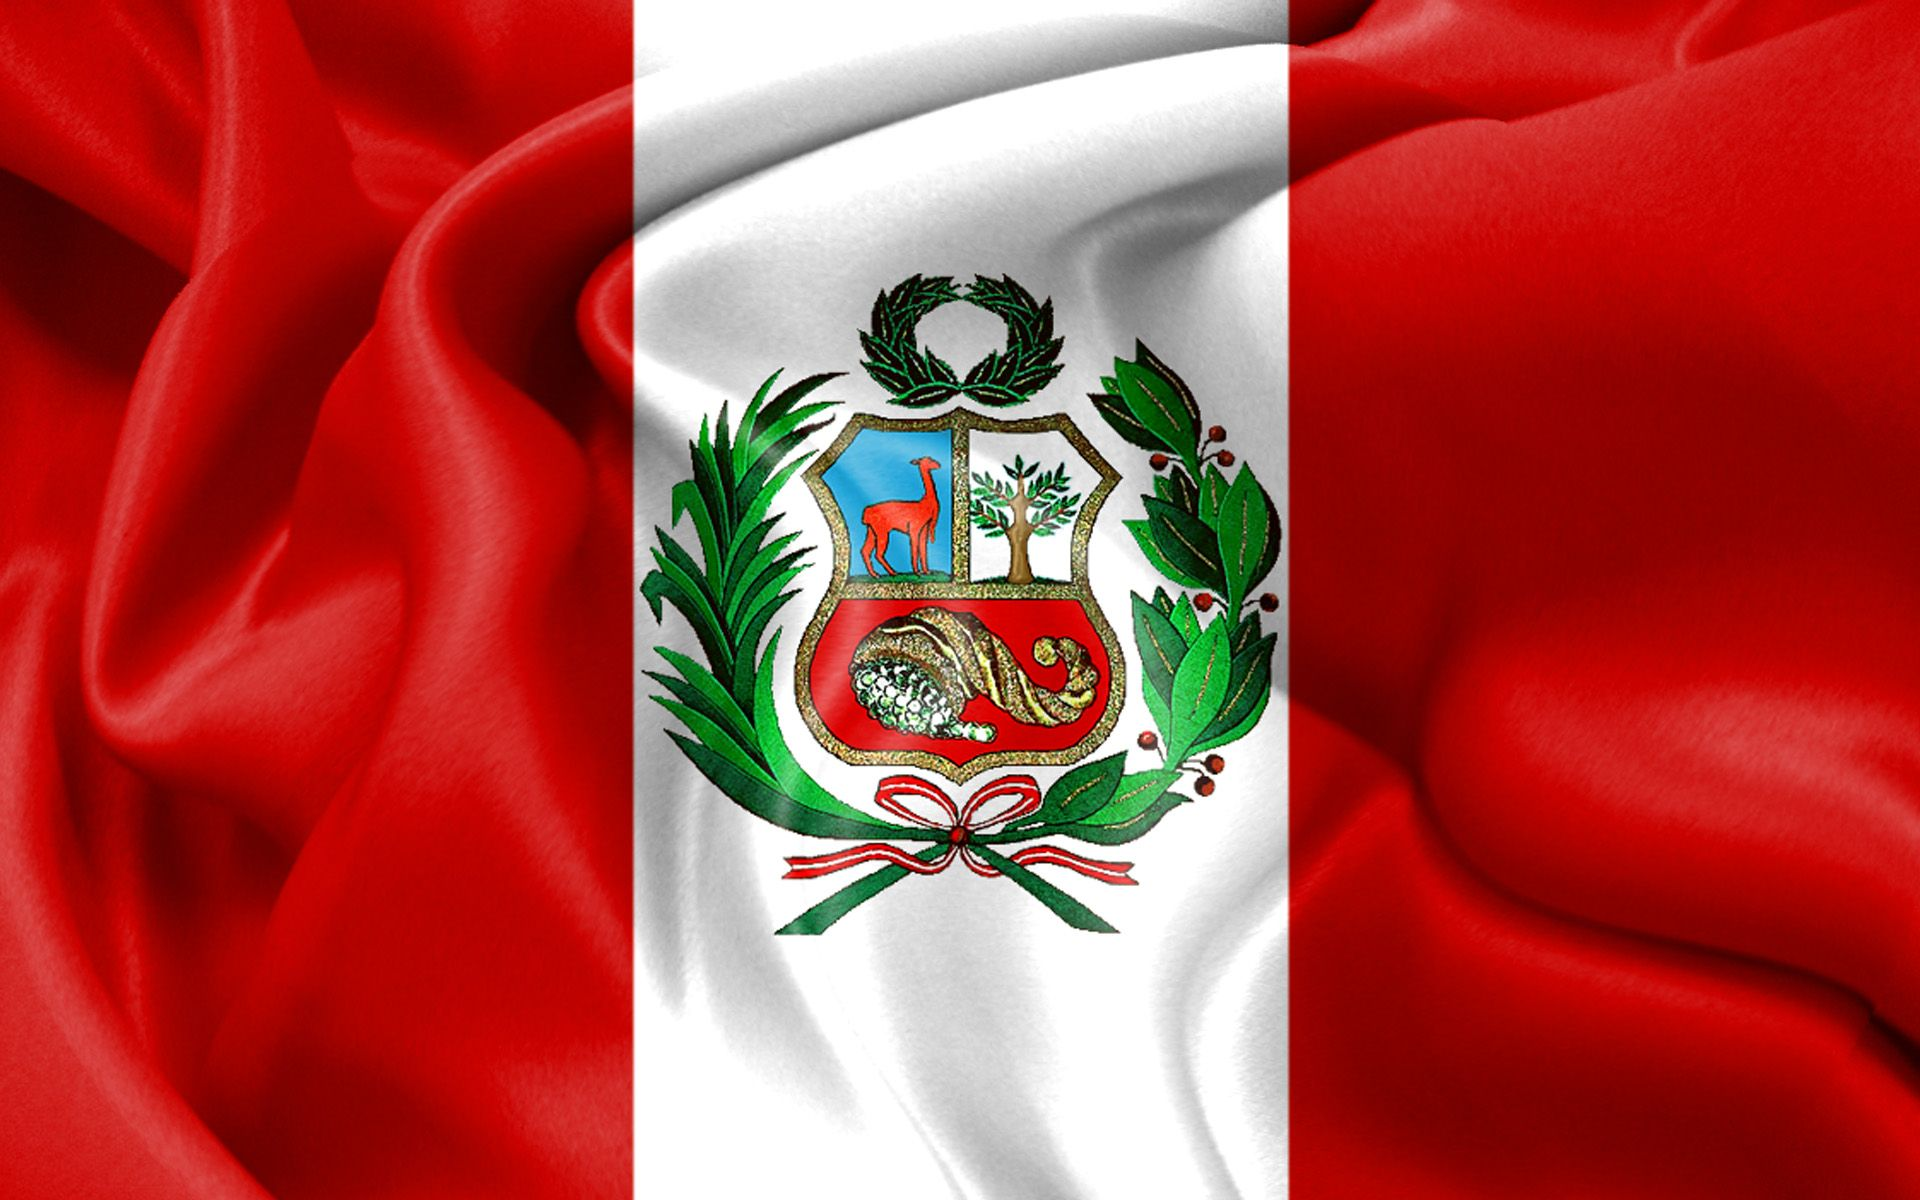 Bandera Del Peru Imagenes Wallpapers Variados Fondos De Peru Flag Peruvian Flag Flag